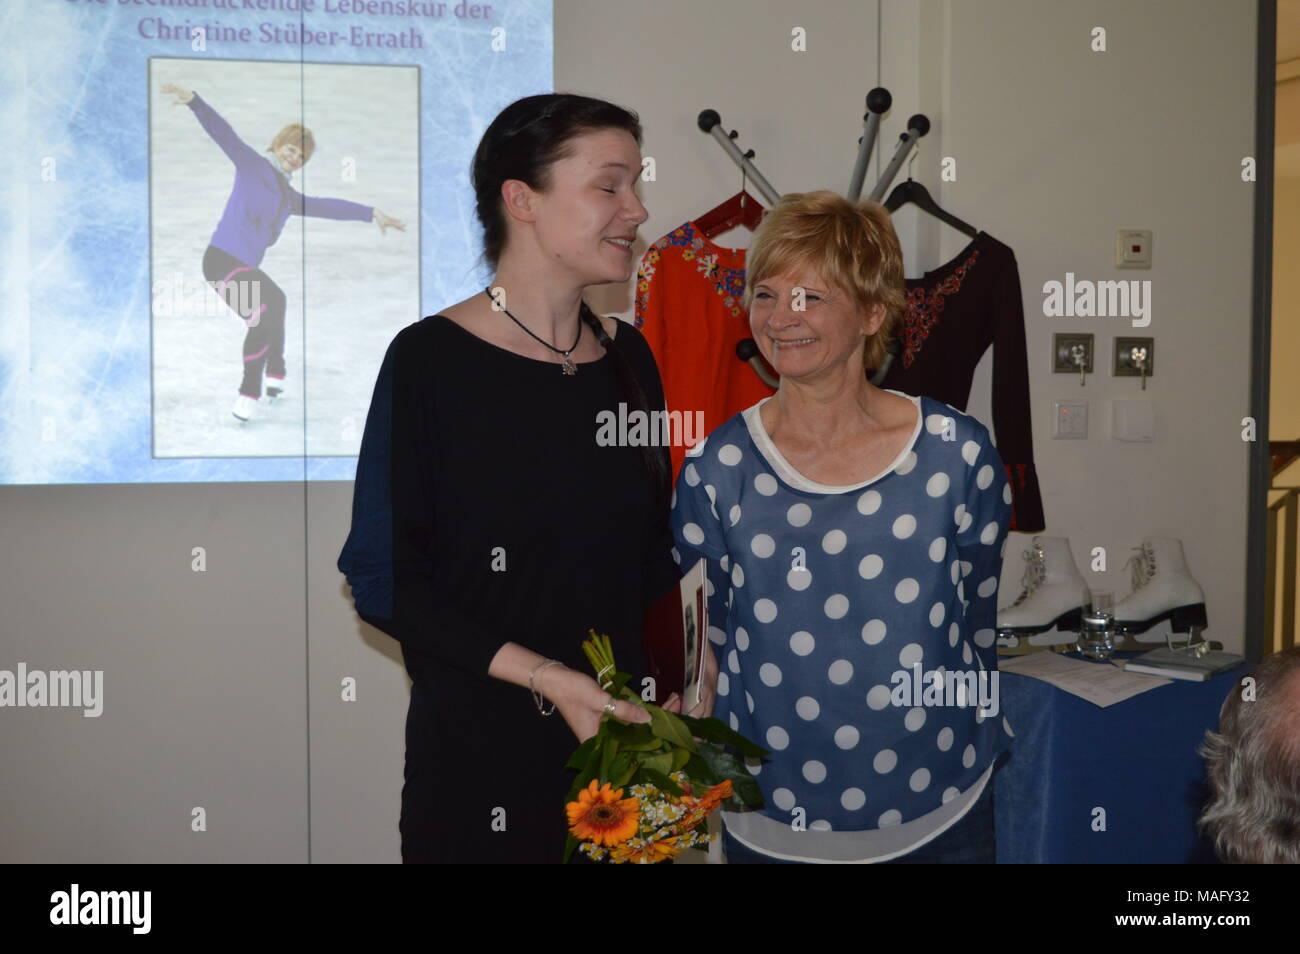 Christine Stüber-Errath Eiskunstlauf  DDR Weltmeisterin Europameisterin Autorin Moderatorin Schauspielerin Die Anfängerin - Stock Image